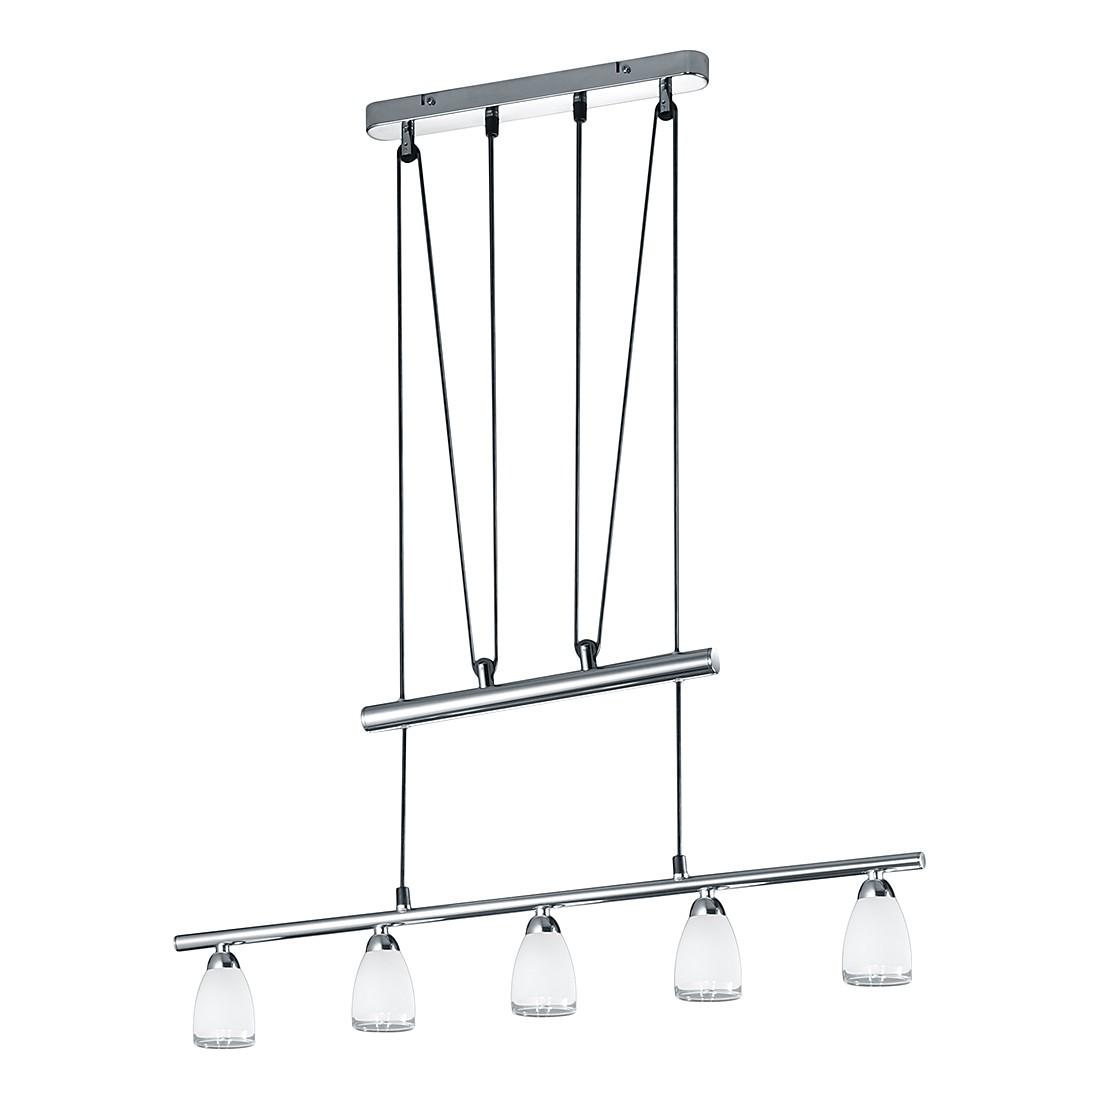 EEK A++, LED-Balken – Chrom – 5×2 W, Trio günstig online kaufen